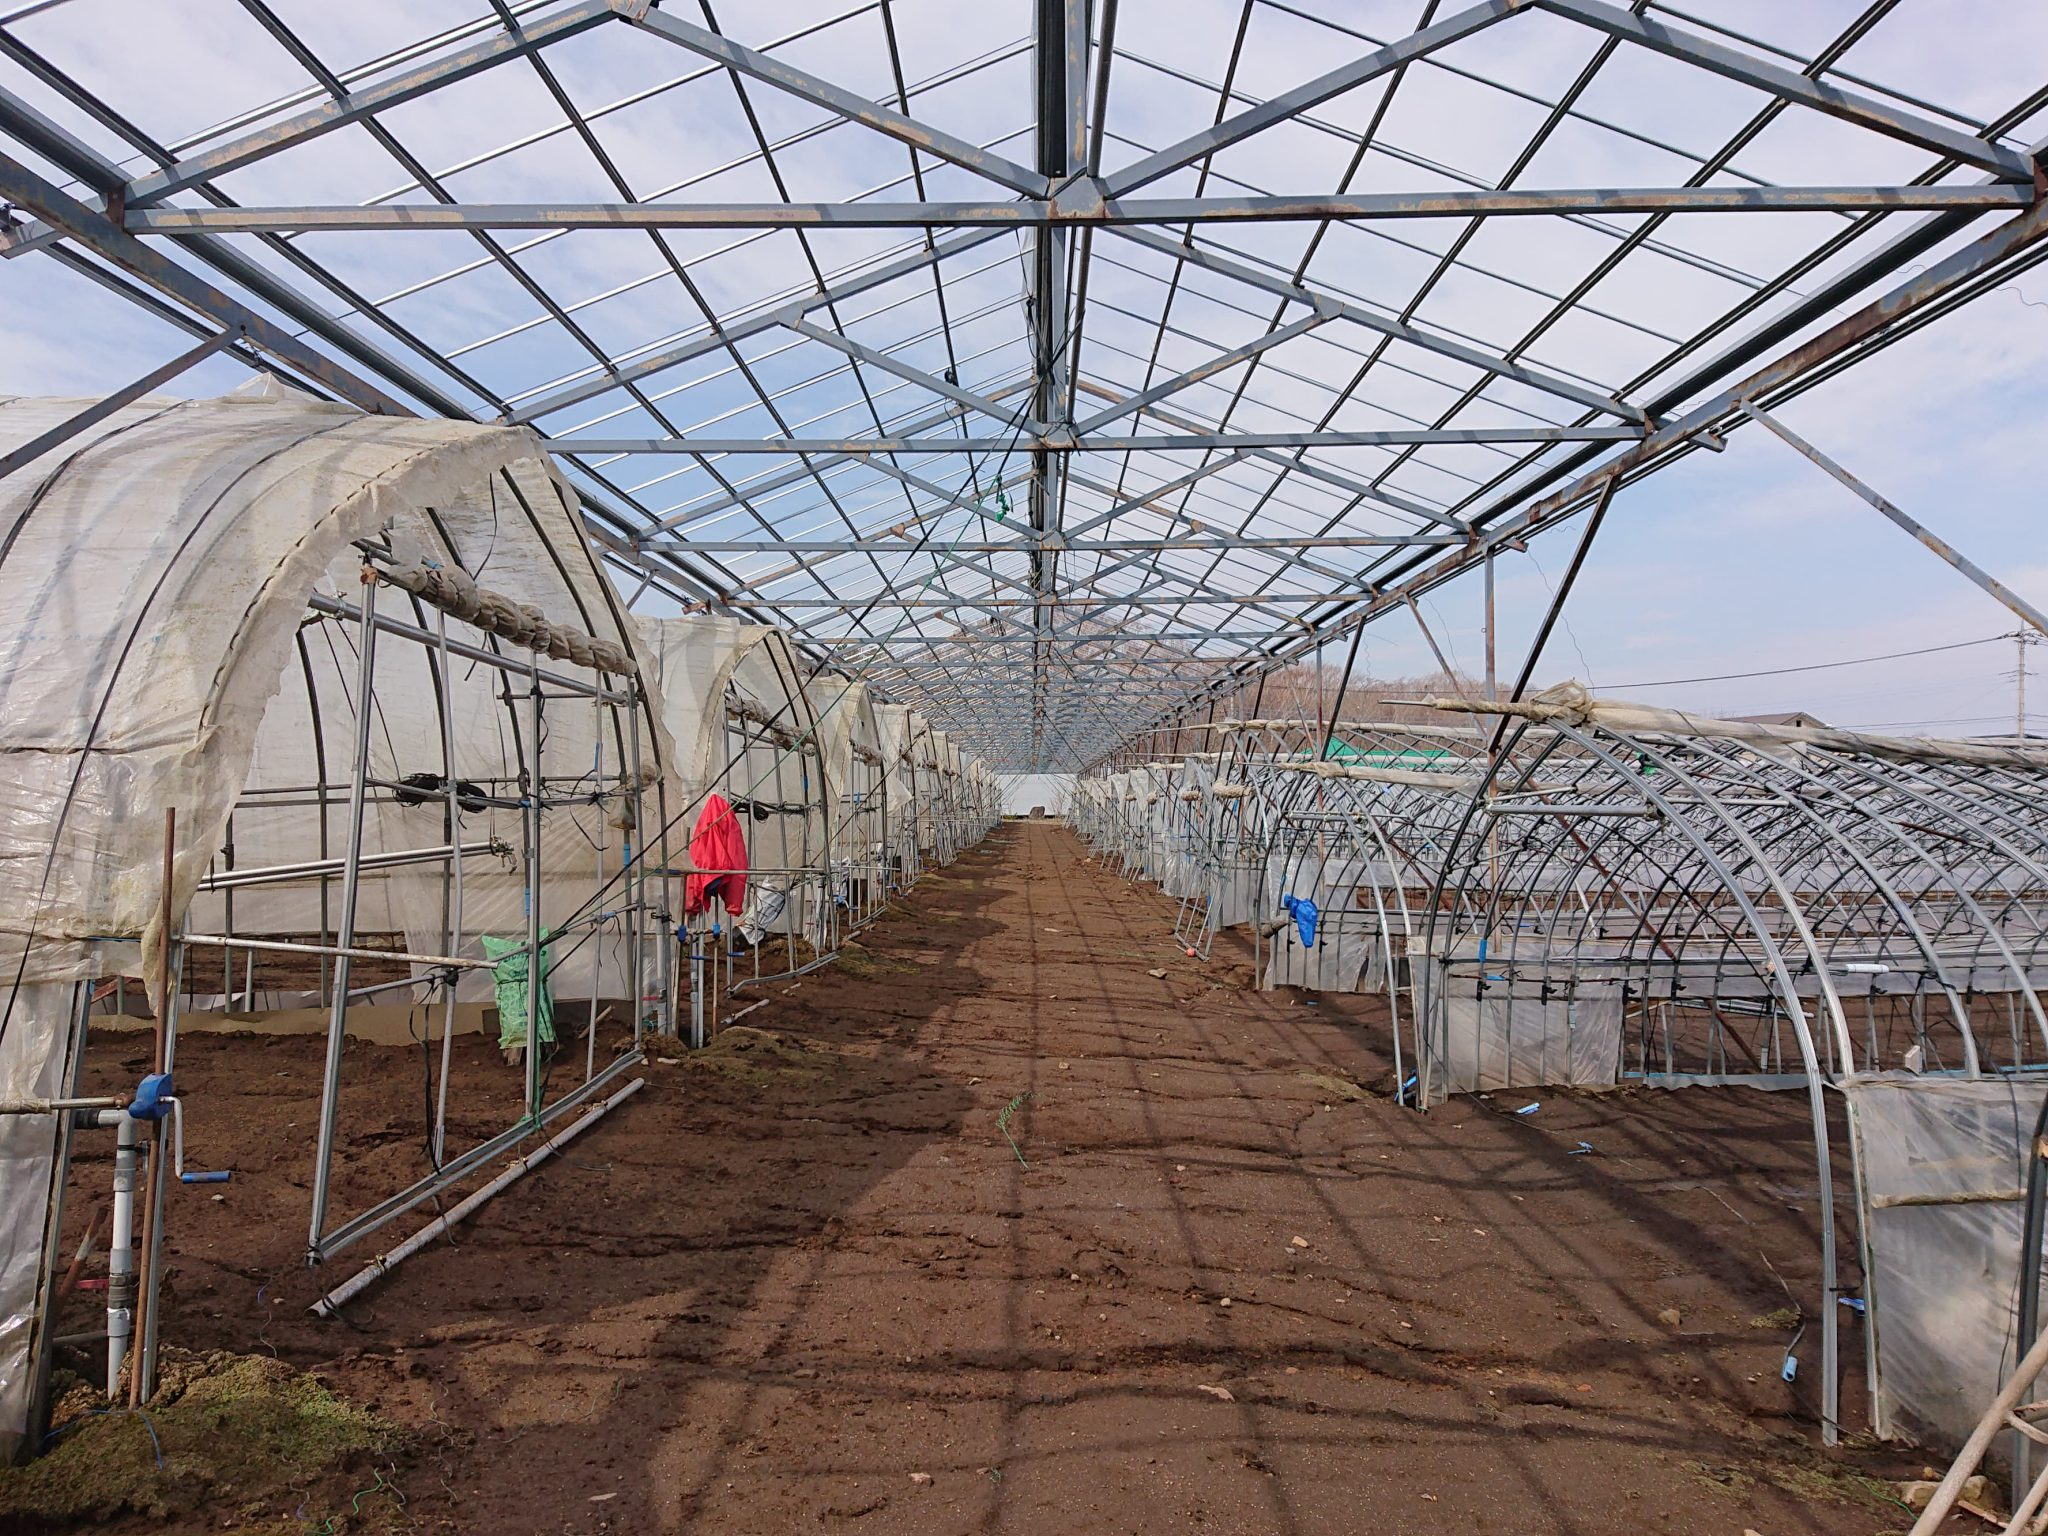 農業支援コミュニティ「農援隊」発足、新型コロナ休業に伴う農業課題を解決へ